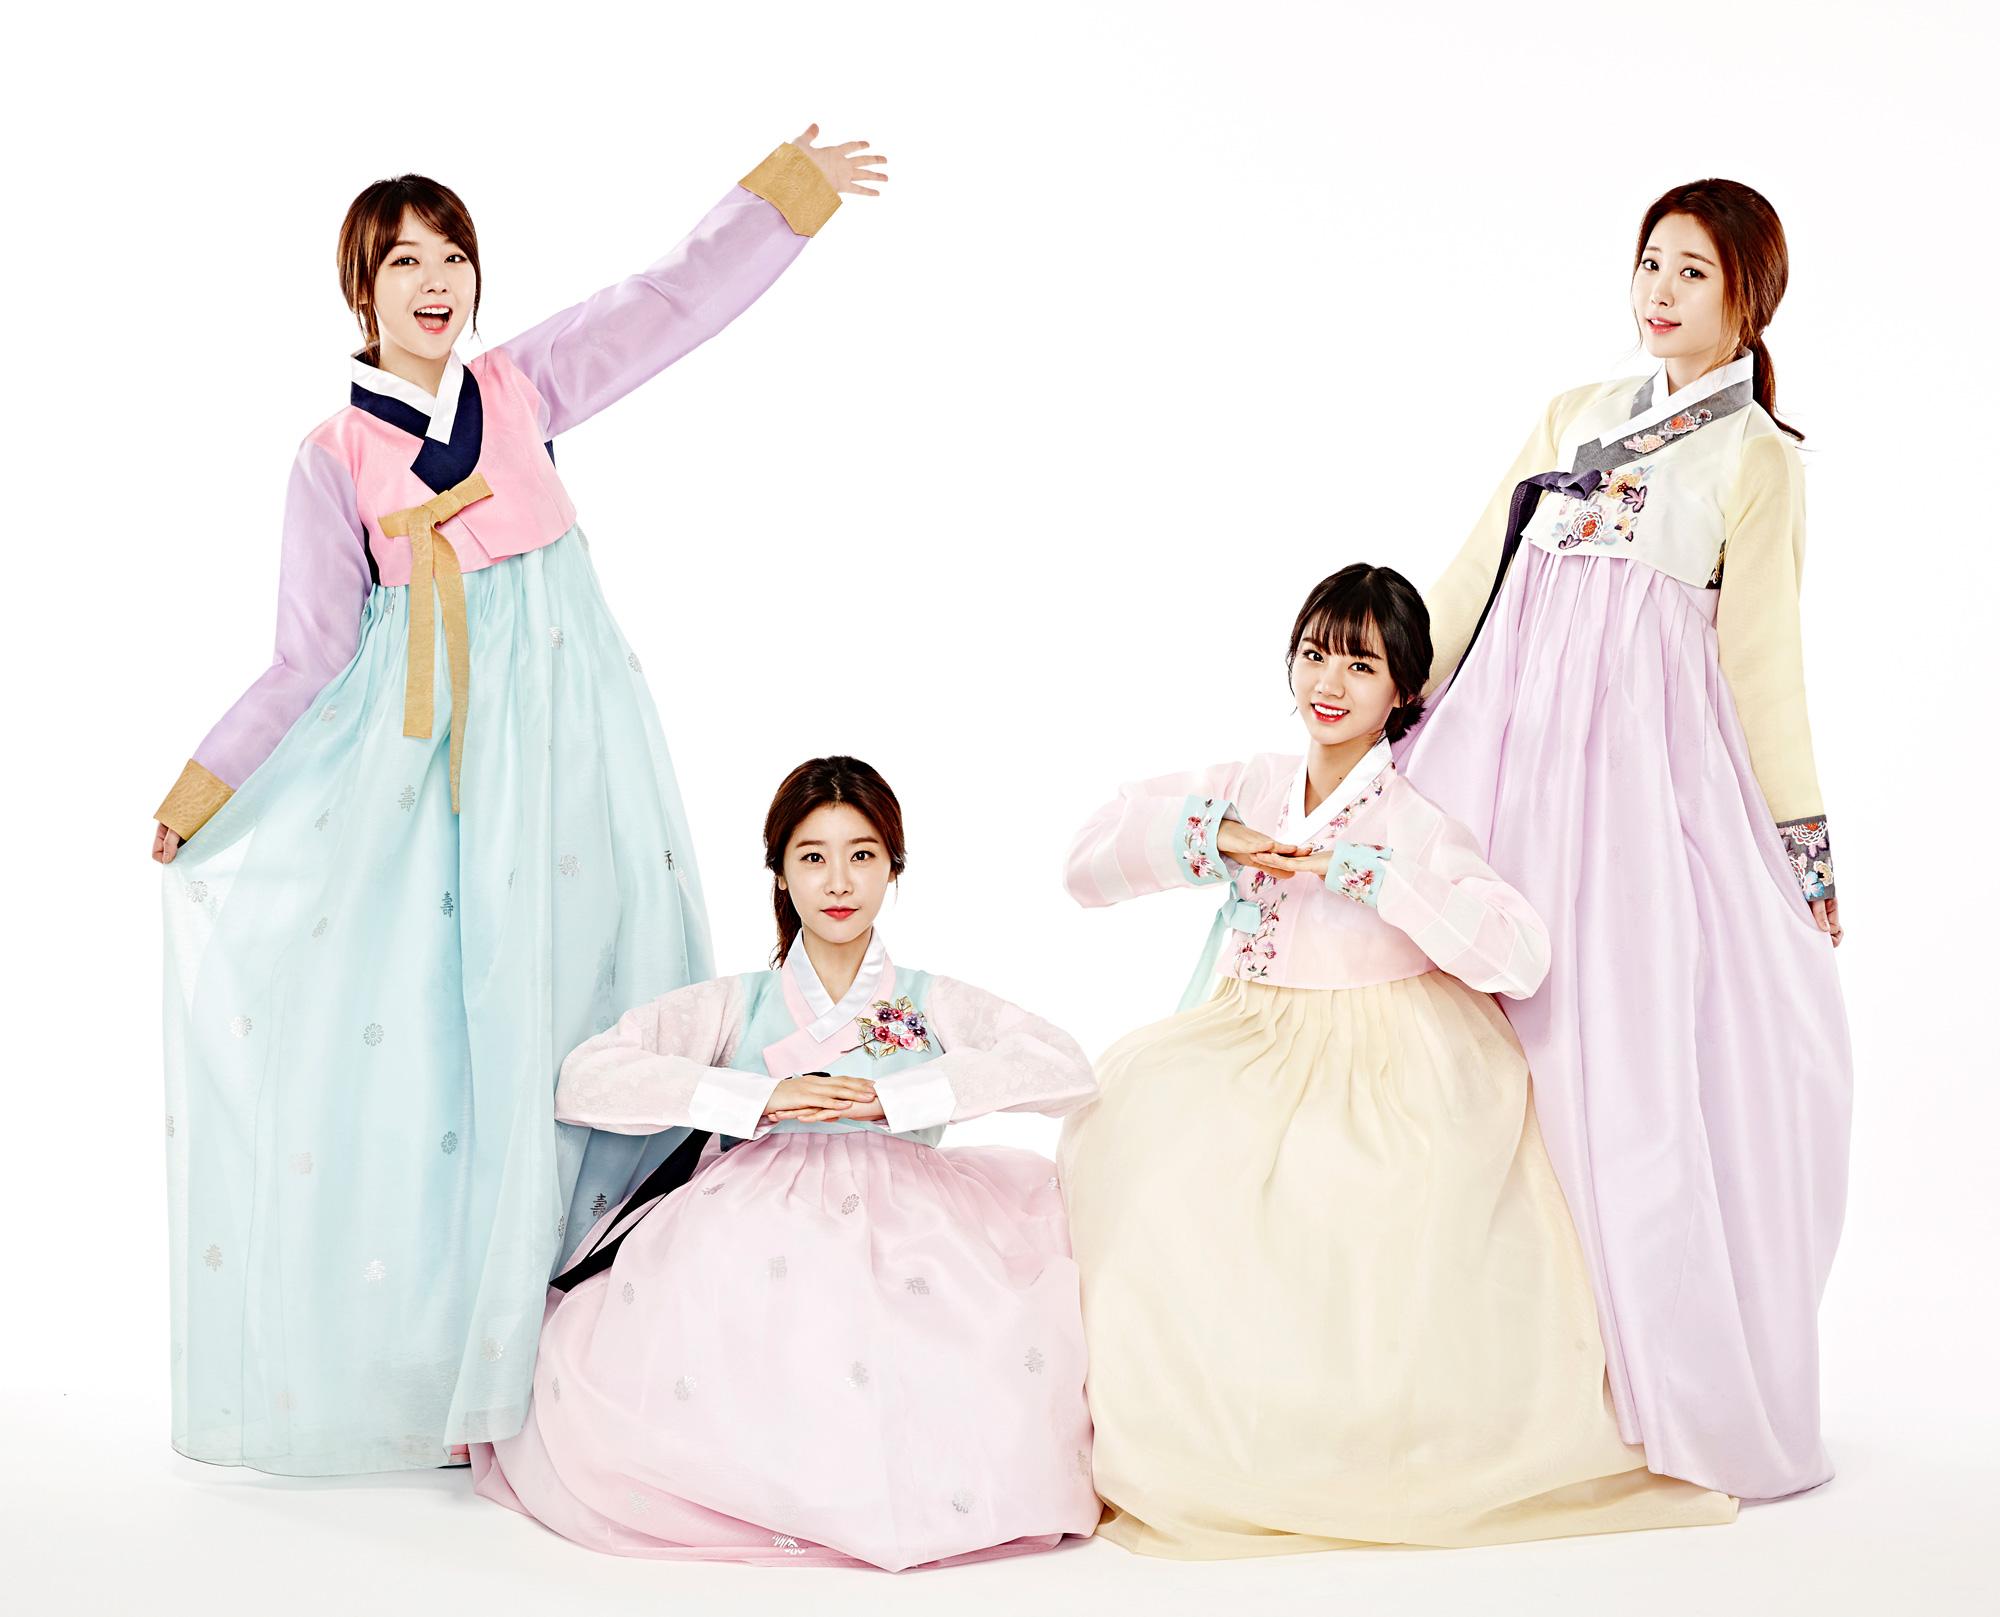 現在大家看到的 就是今年團體內最多世界百大美女的GIRL'S DAY的韓服照~